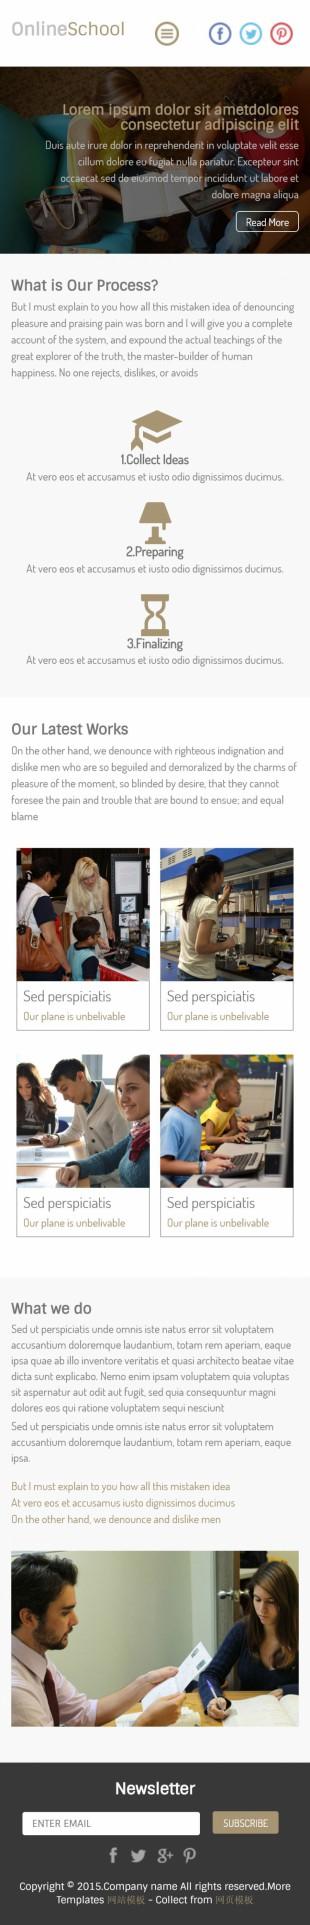 出国留学签证办理公司英文网站建设模板手机图片